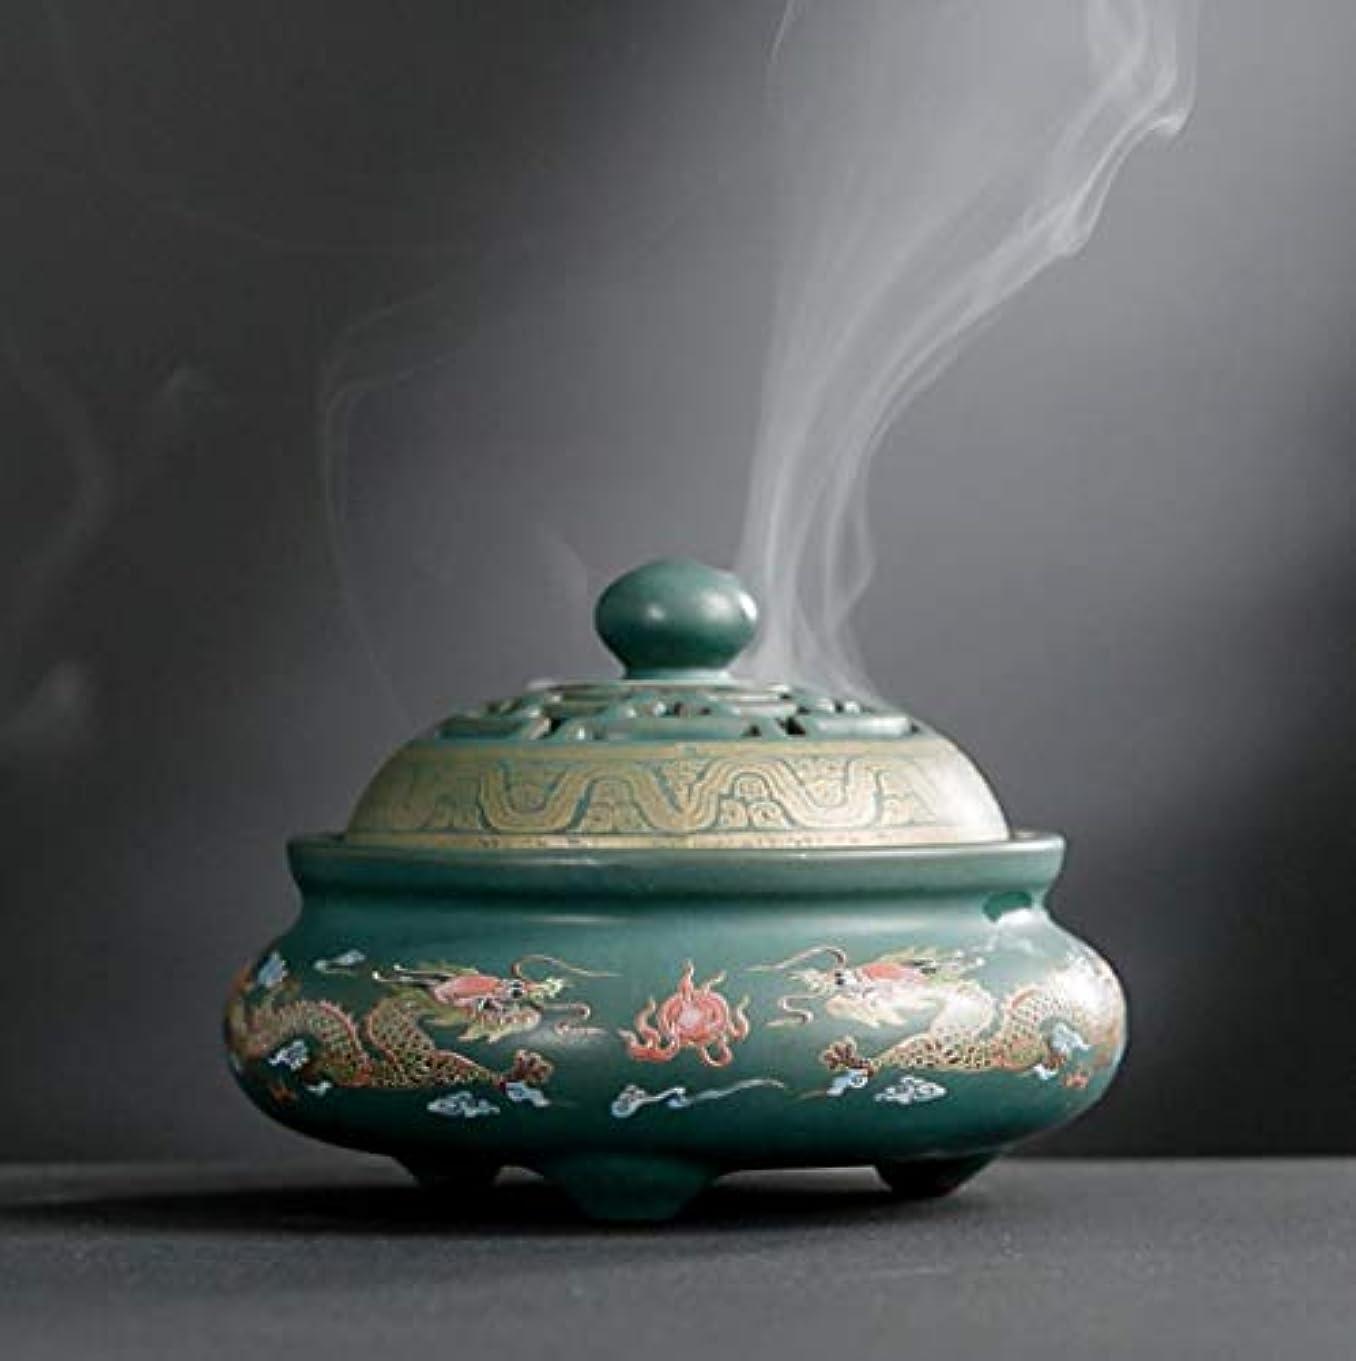 給料ほこりっぽい議論するYONIK 香炉 渦巻き線香ホルダー 蚊取り線香ホルダー 線香入れ 磁器 香皿 蓋付き 香立て付き 和風